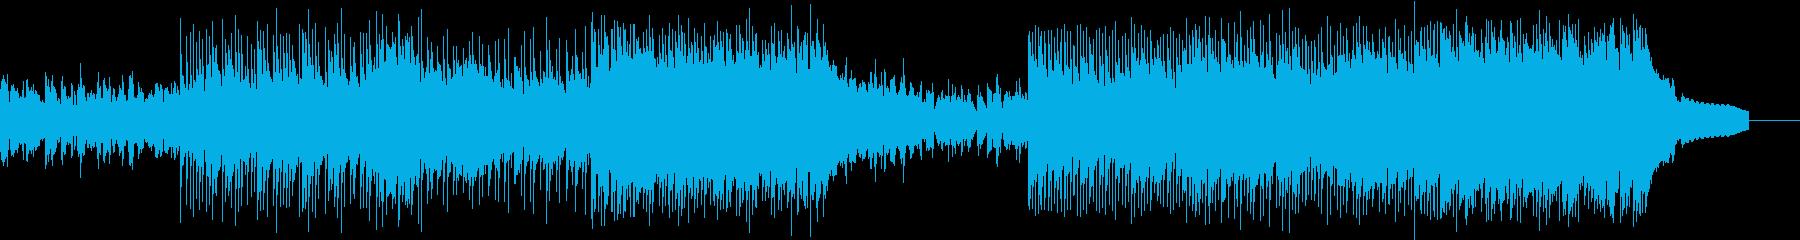 ポップ アクション 技術的な 感情...の再生済みの波形